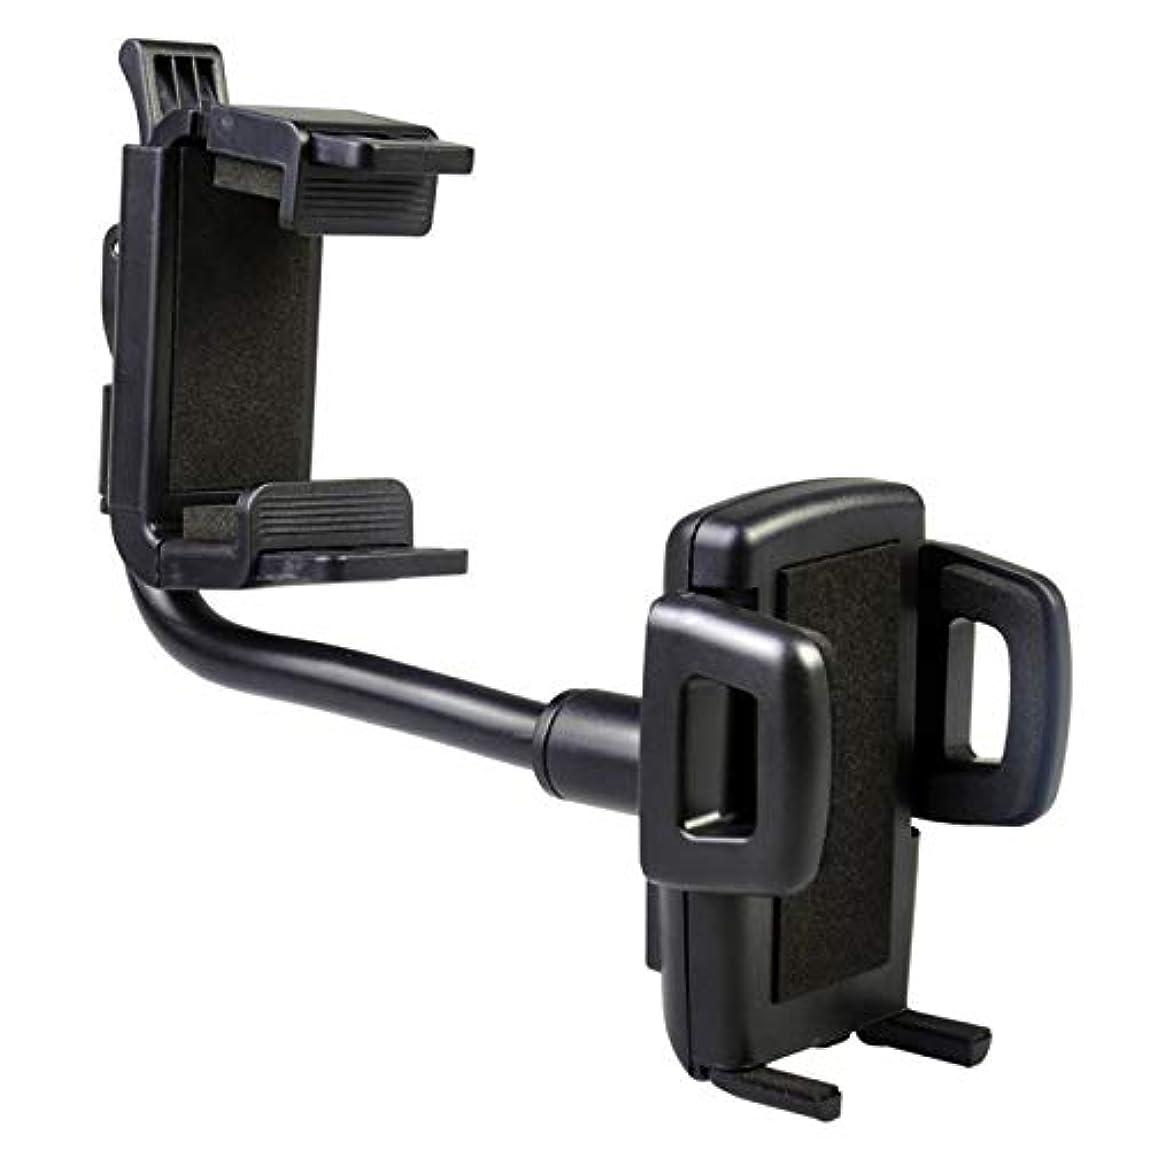 ペインギリック準備した物理Jicorzo - 車の自動車のバックミラーマウント携帯電話ホルダーブラケットは、iPhoneの携帯電話のGPSのためにサムスンのためにスタンド360度のホルダー